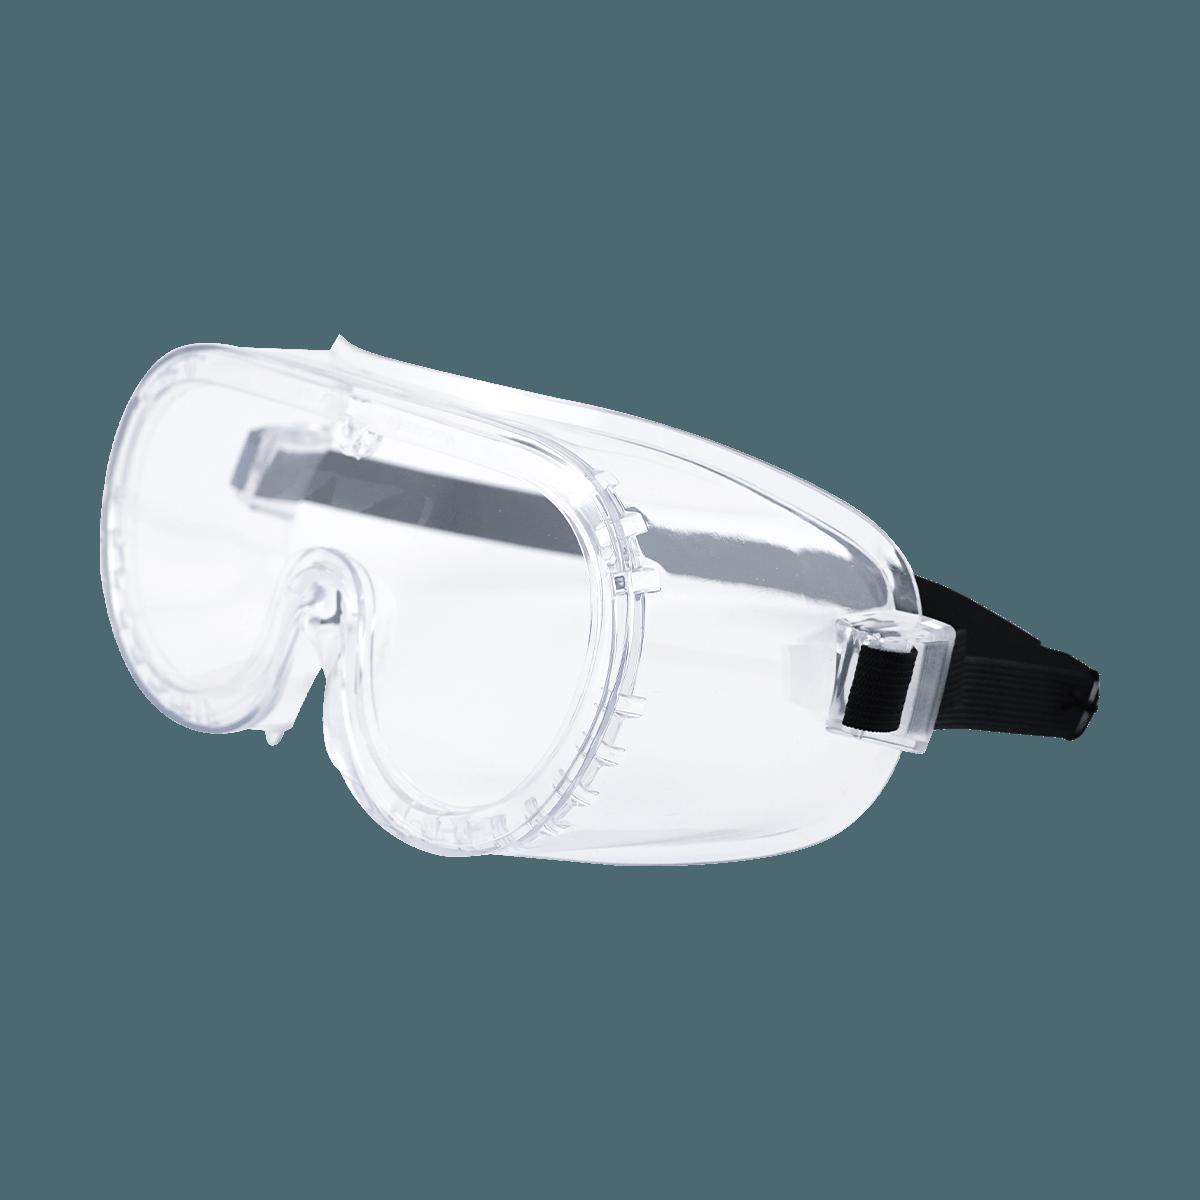 名创优品Miniso 护目镜 1件入 怎么样 - 亚米网